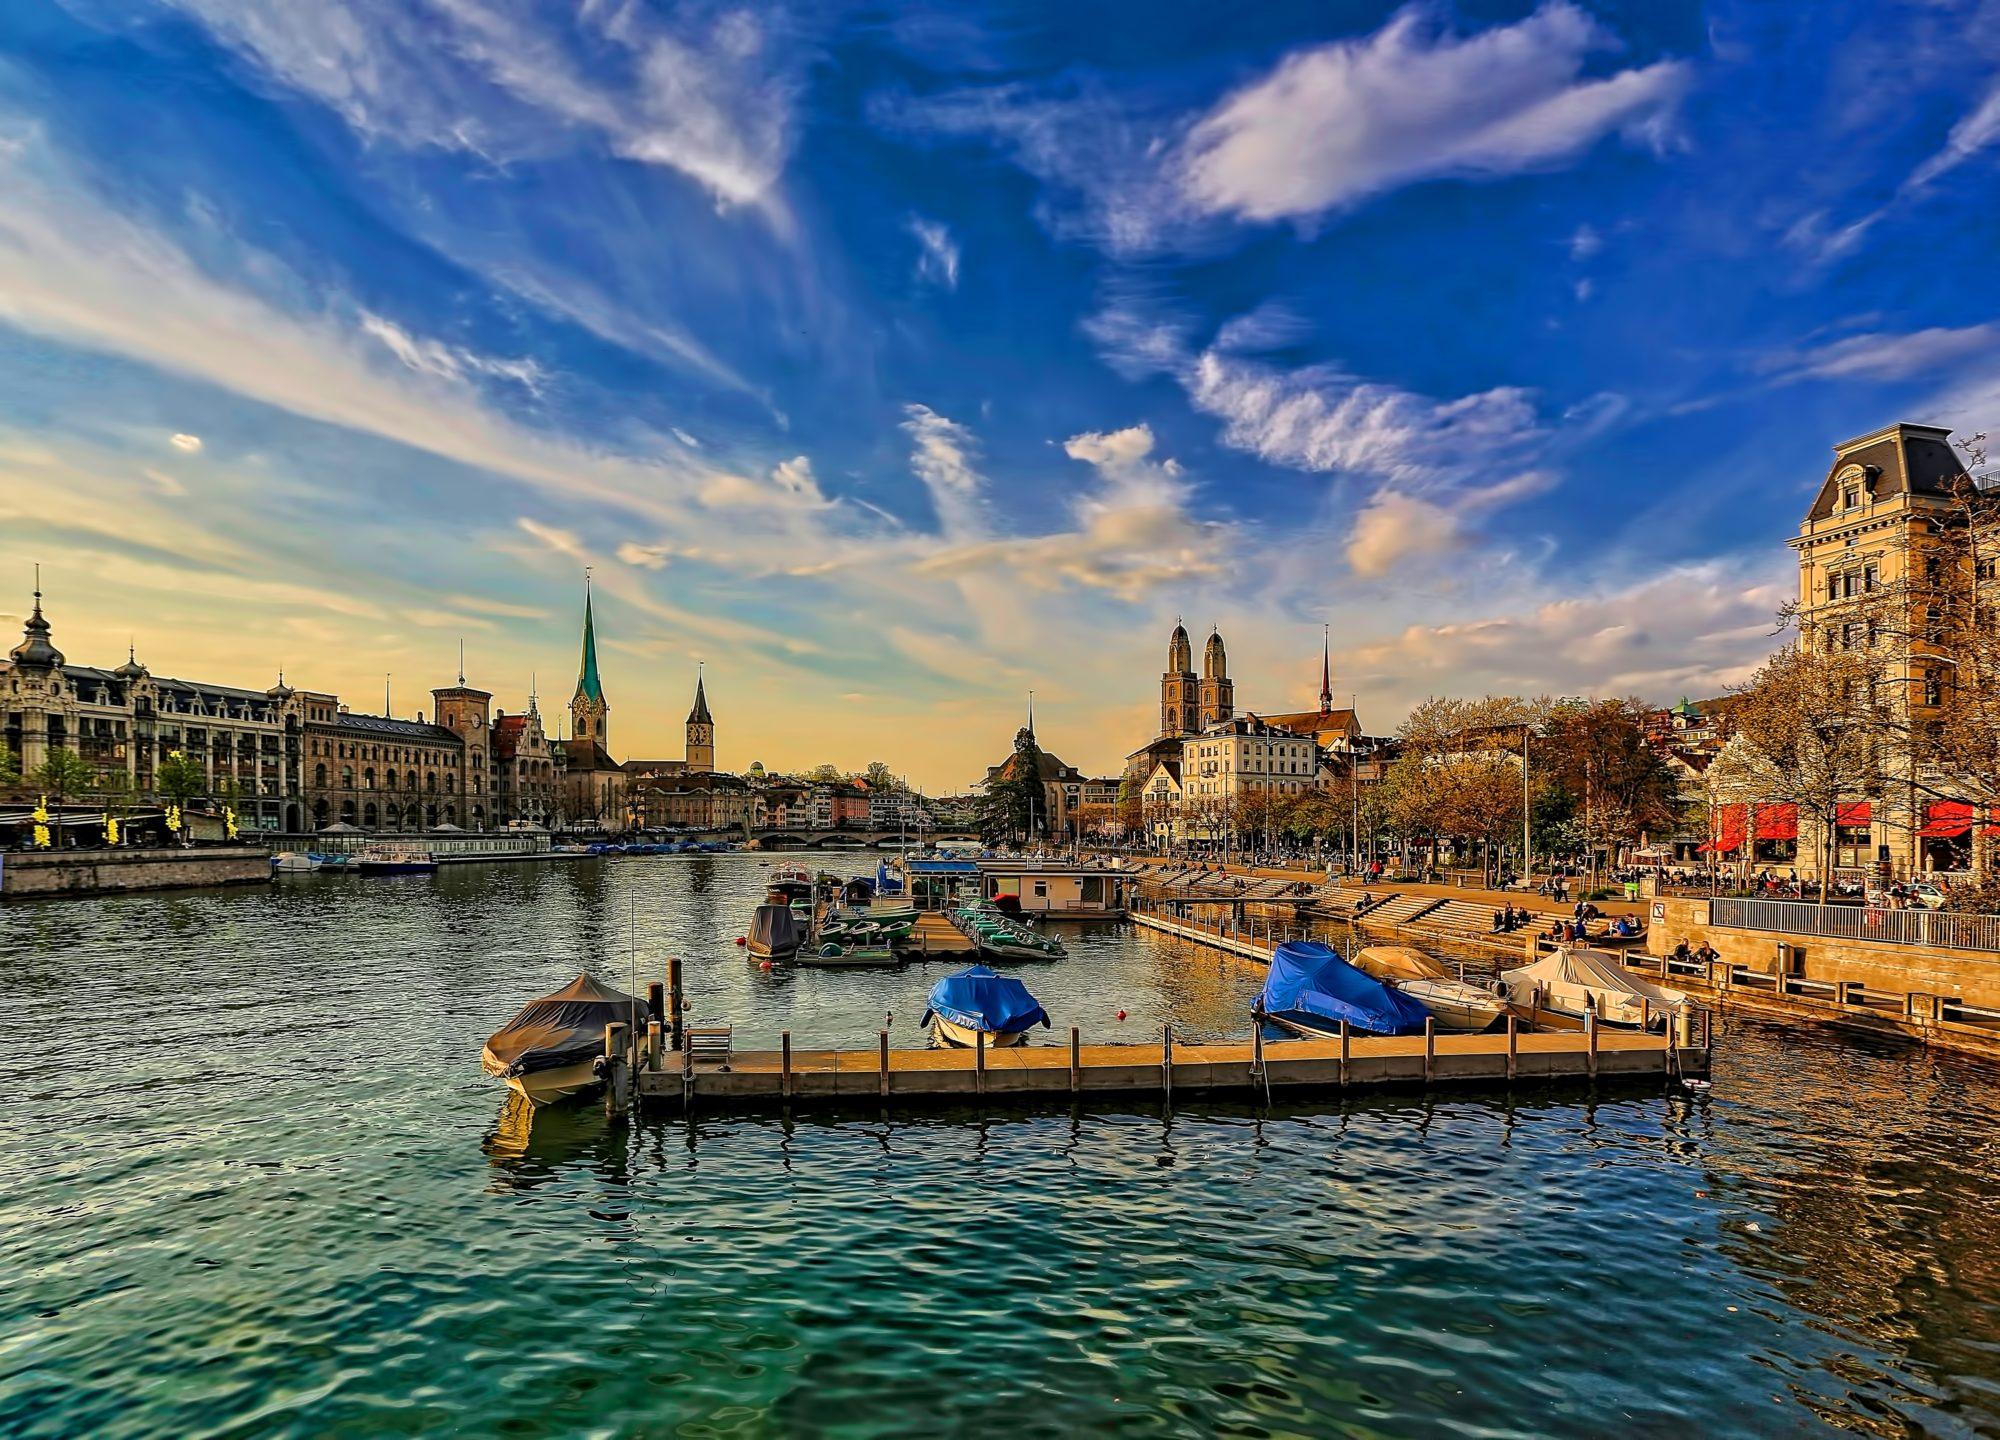 Zurich, Best Mountain Towns In Europe